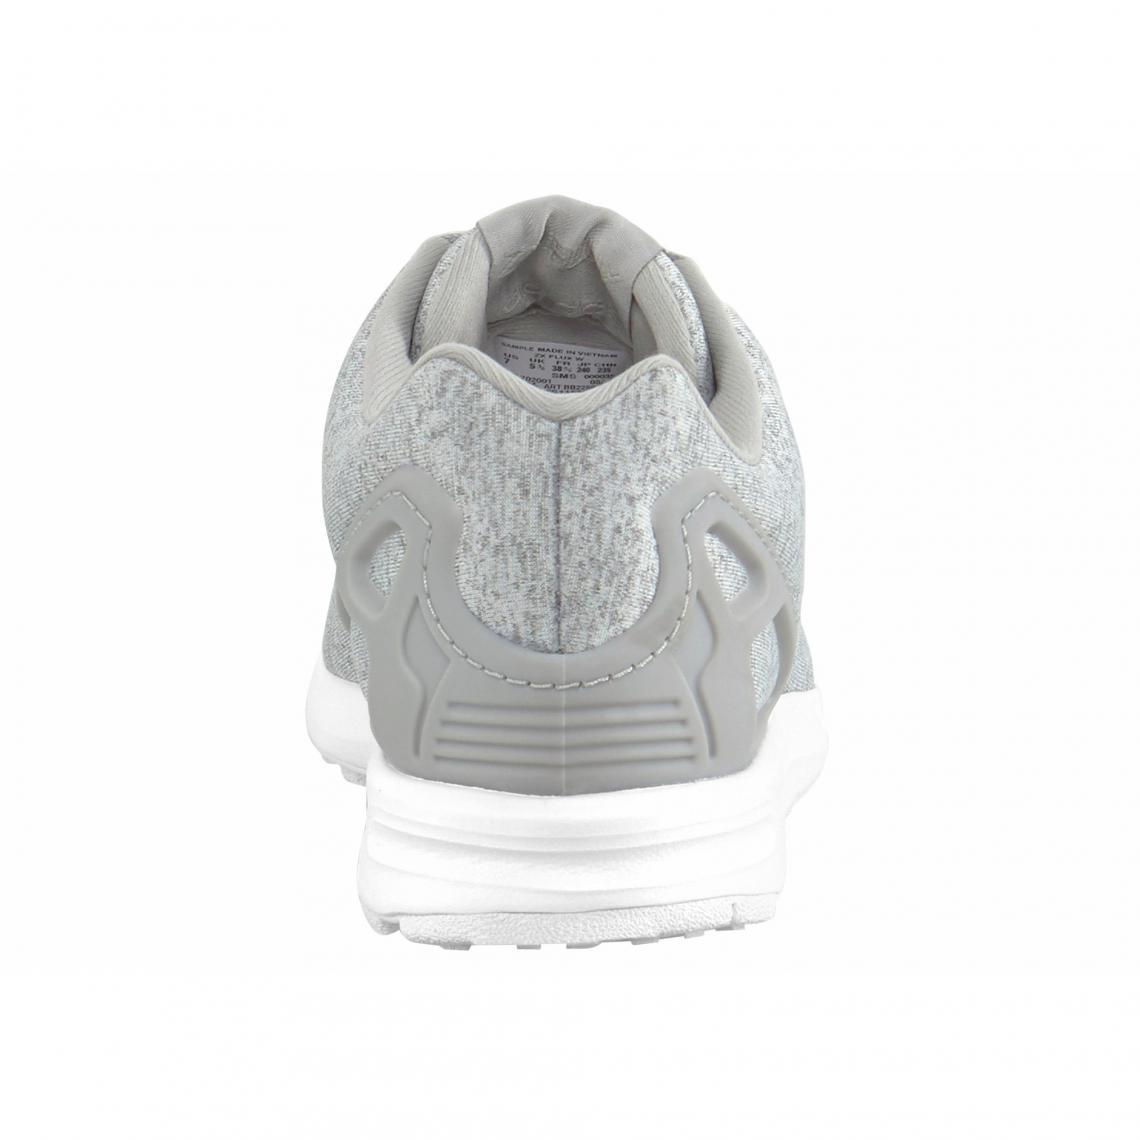 site réputé 44b09 eaa3d adidas Originals ZX Flux chaussures de running femme ...